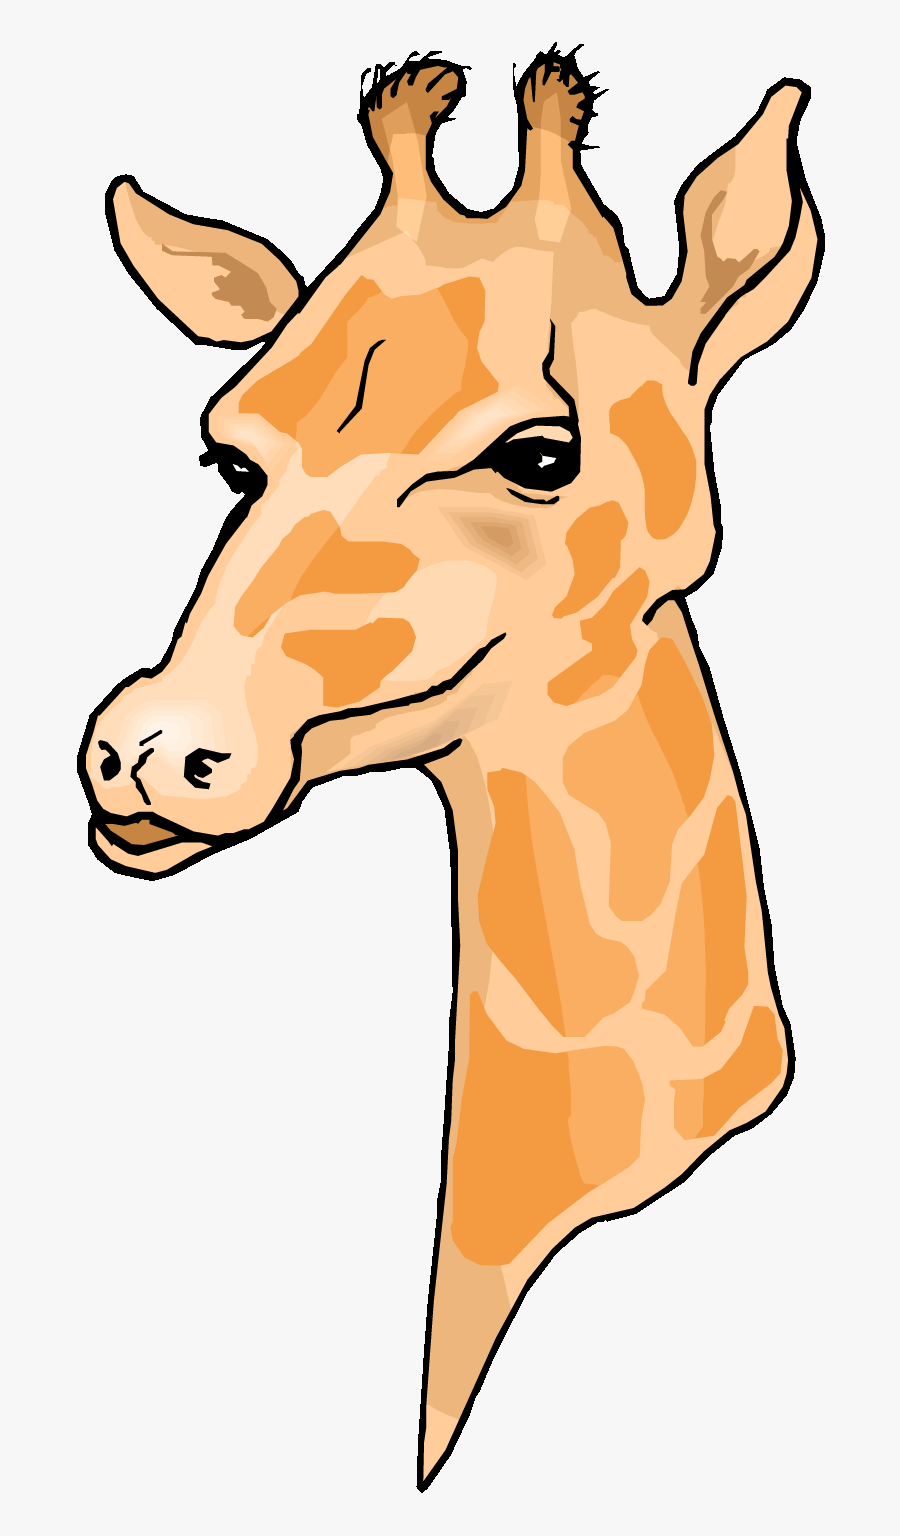 Giraffe 0 Images About Clip Art Zoo Jungle Animals - Clip Art Giraffe Head, Transparent Clipart